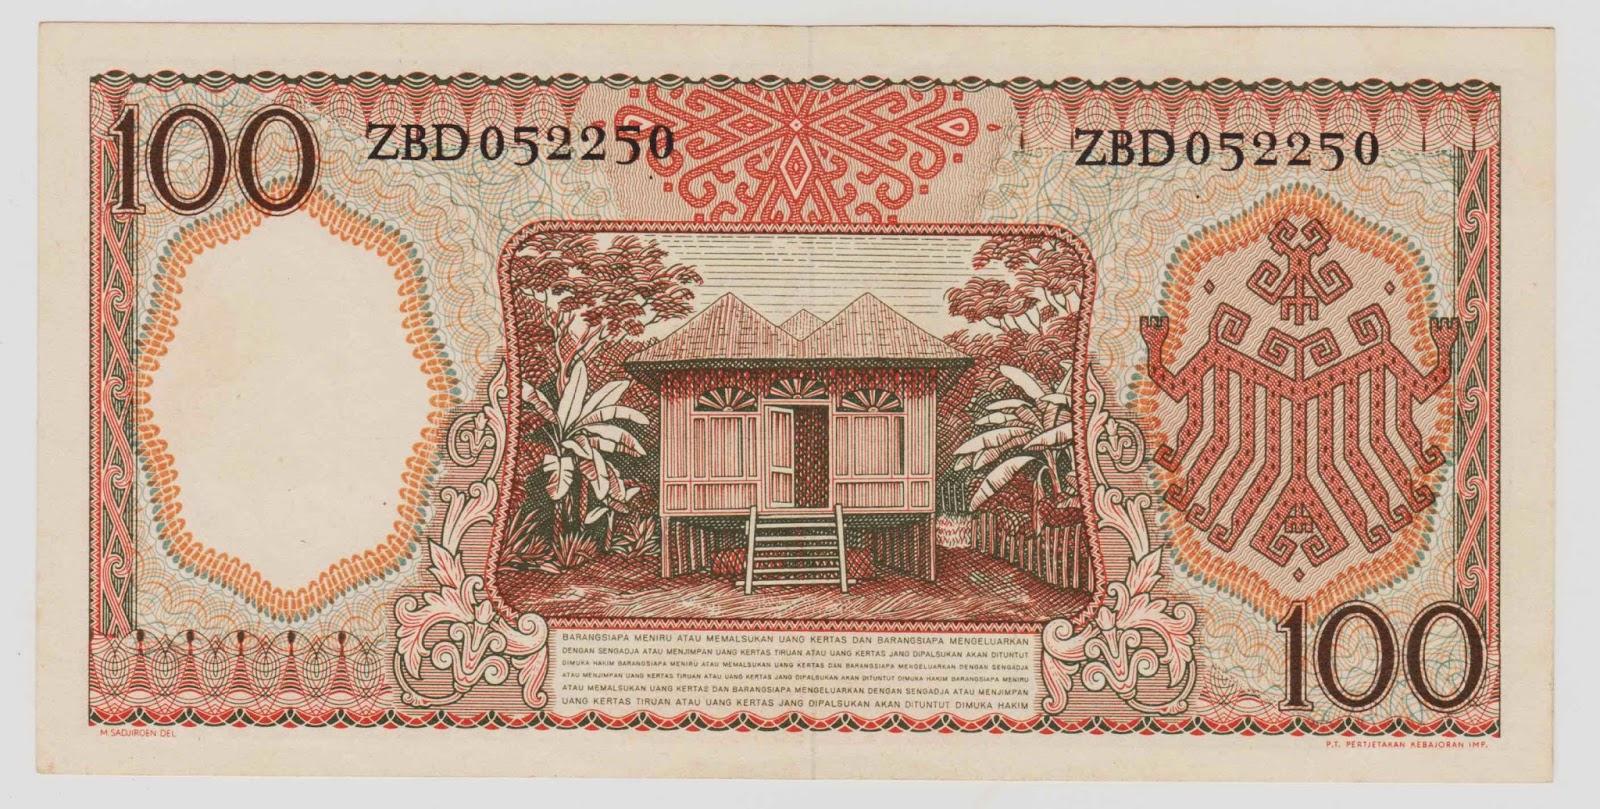 uang kuno Seri pekerja tangan tahun 1958 pecahan 100 rupiah